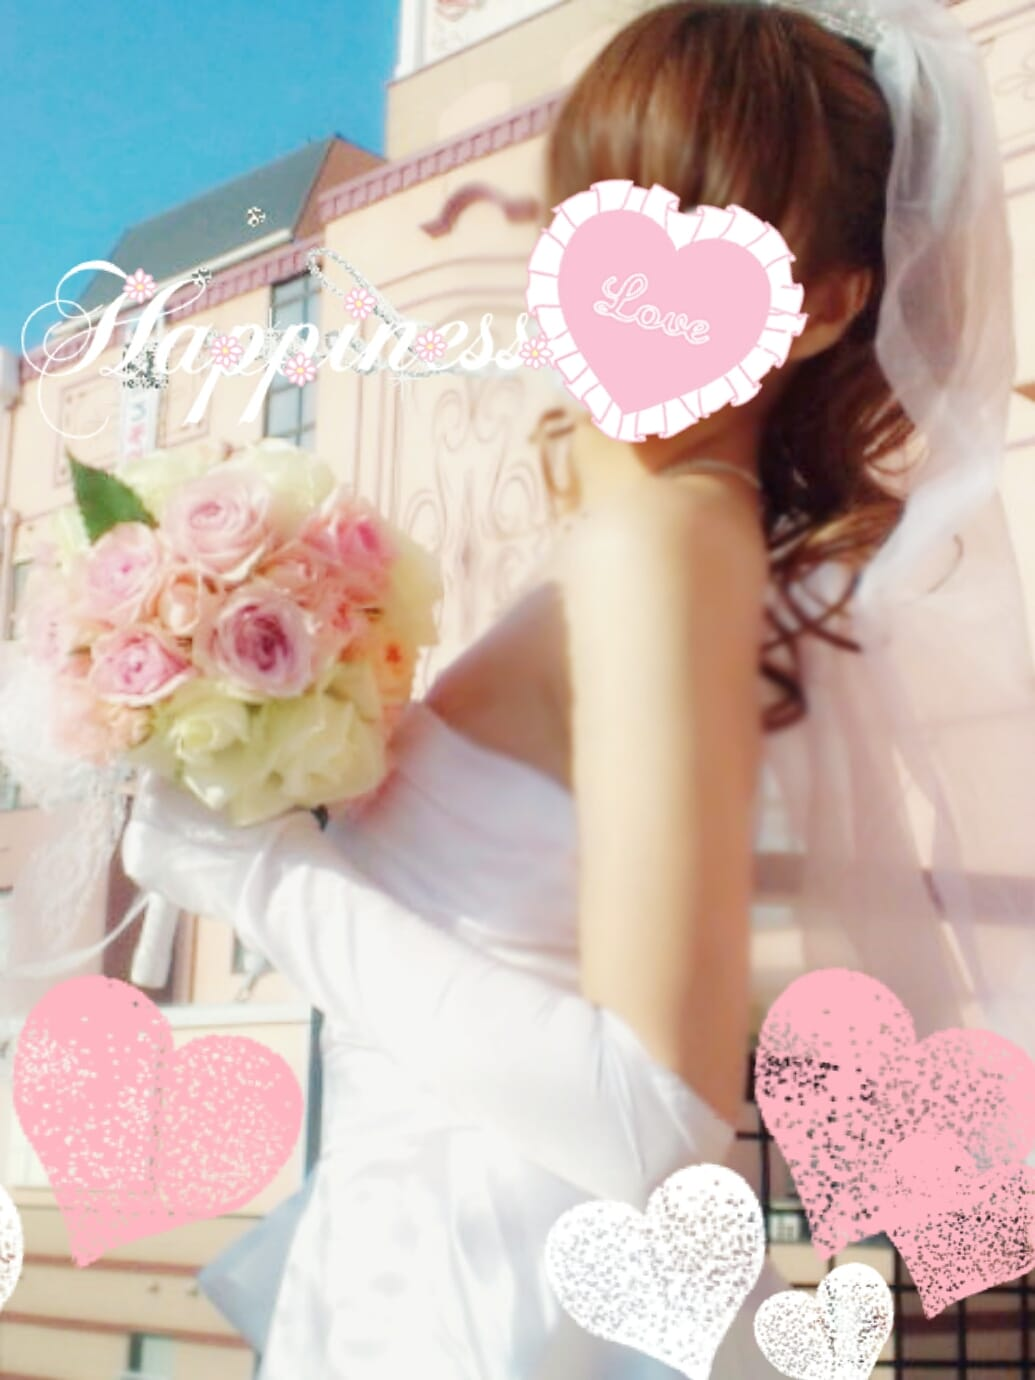 「Eve★log[おはよう♡]」01/21(01/21) 07:12   イヴの写メ・風俗動画